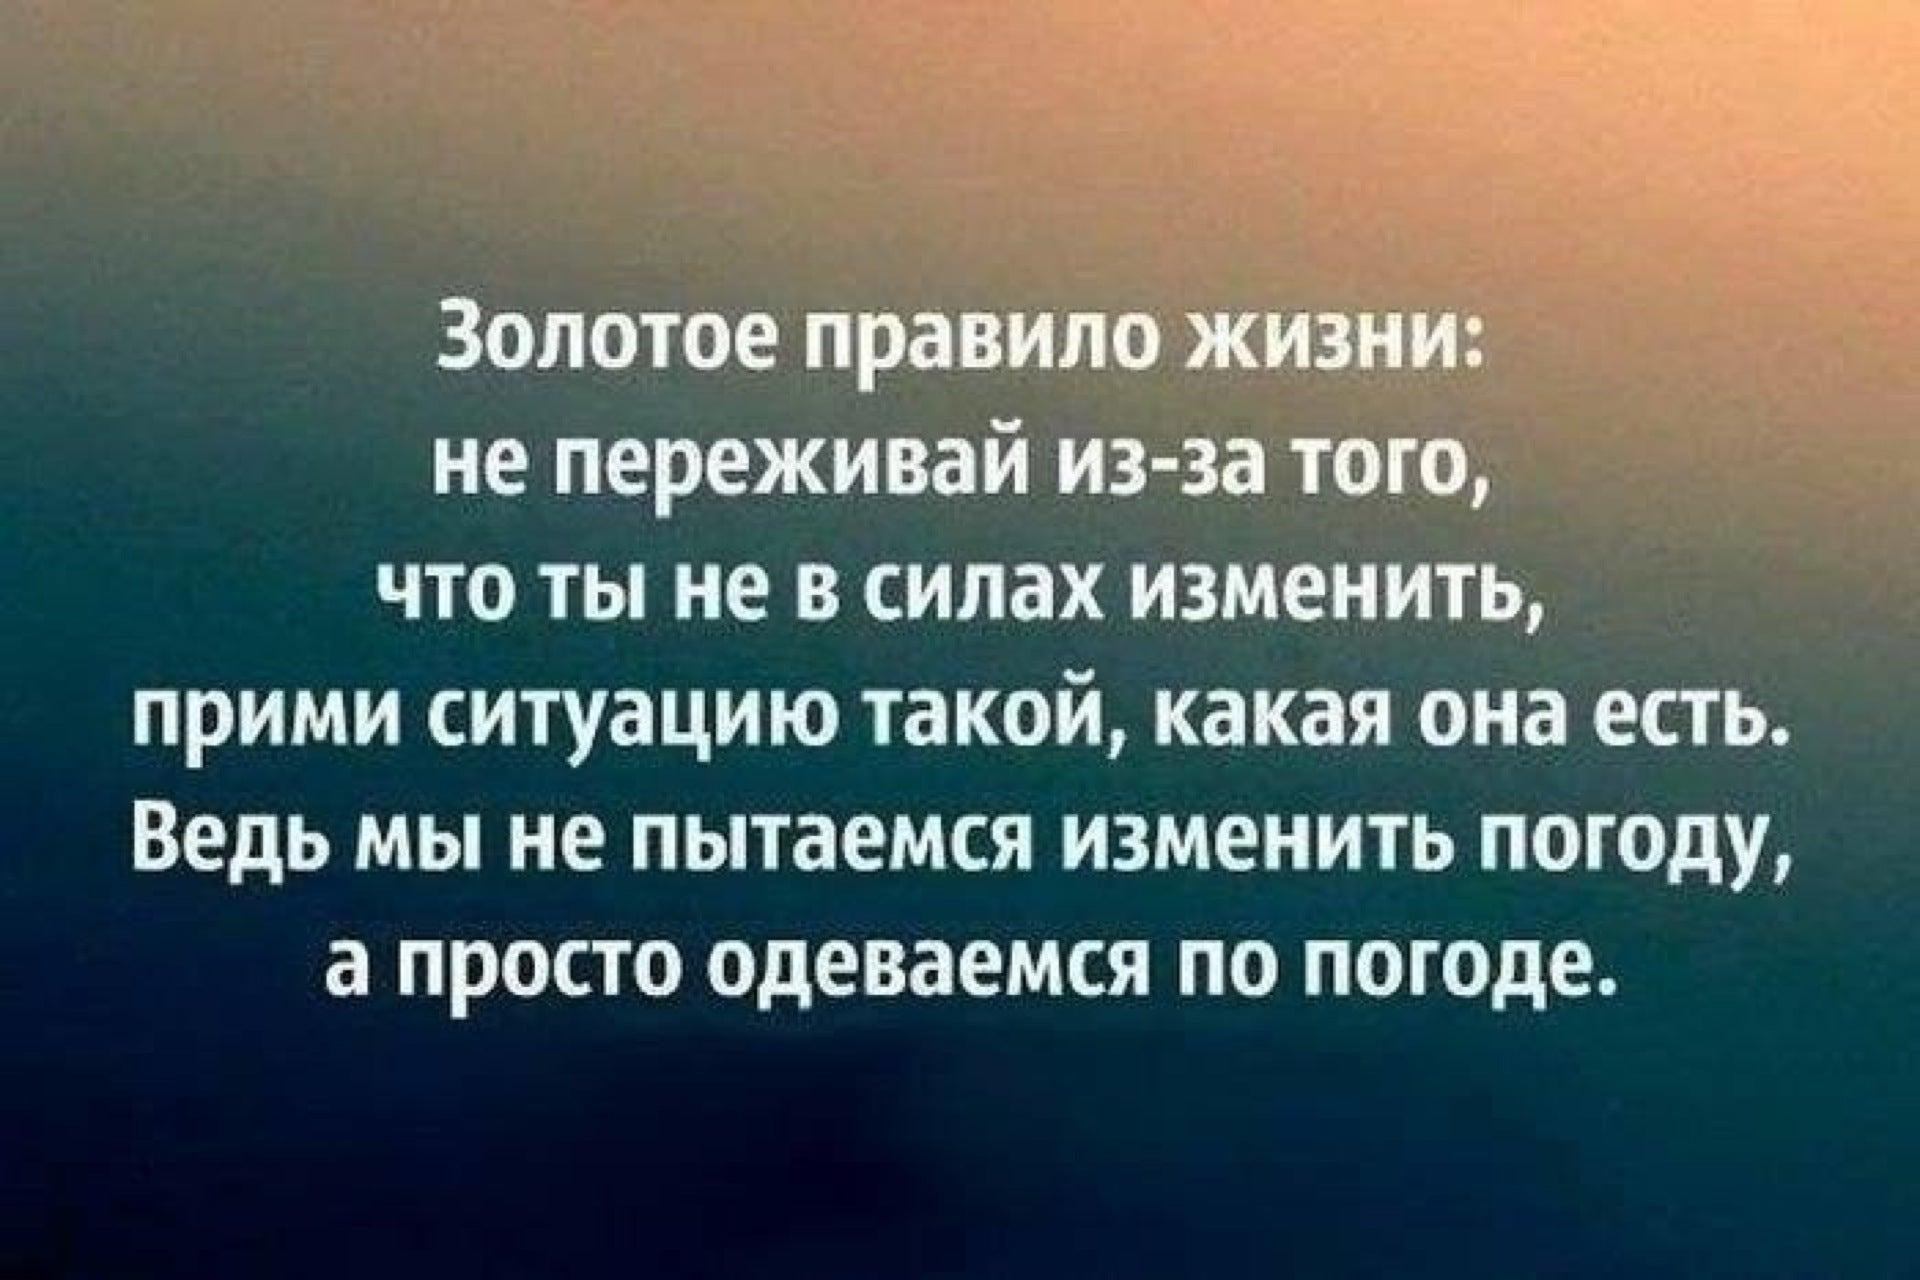 Цитаты каждый человек в нашей жизни